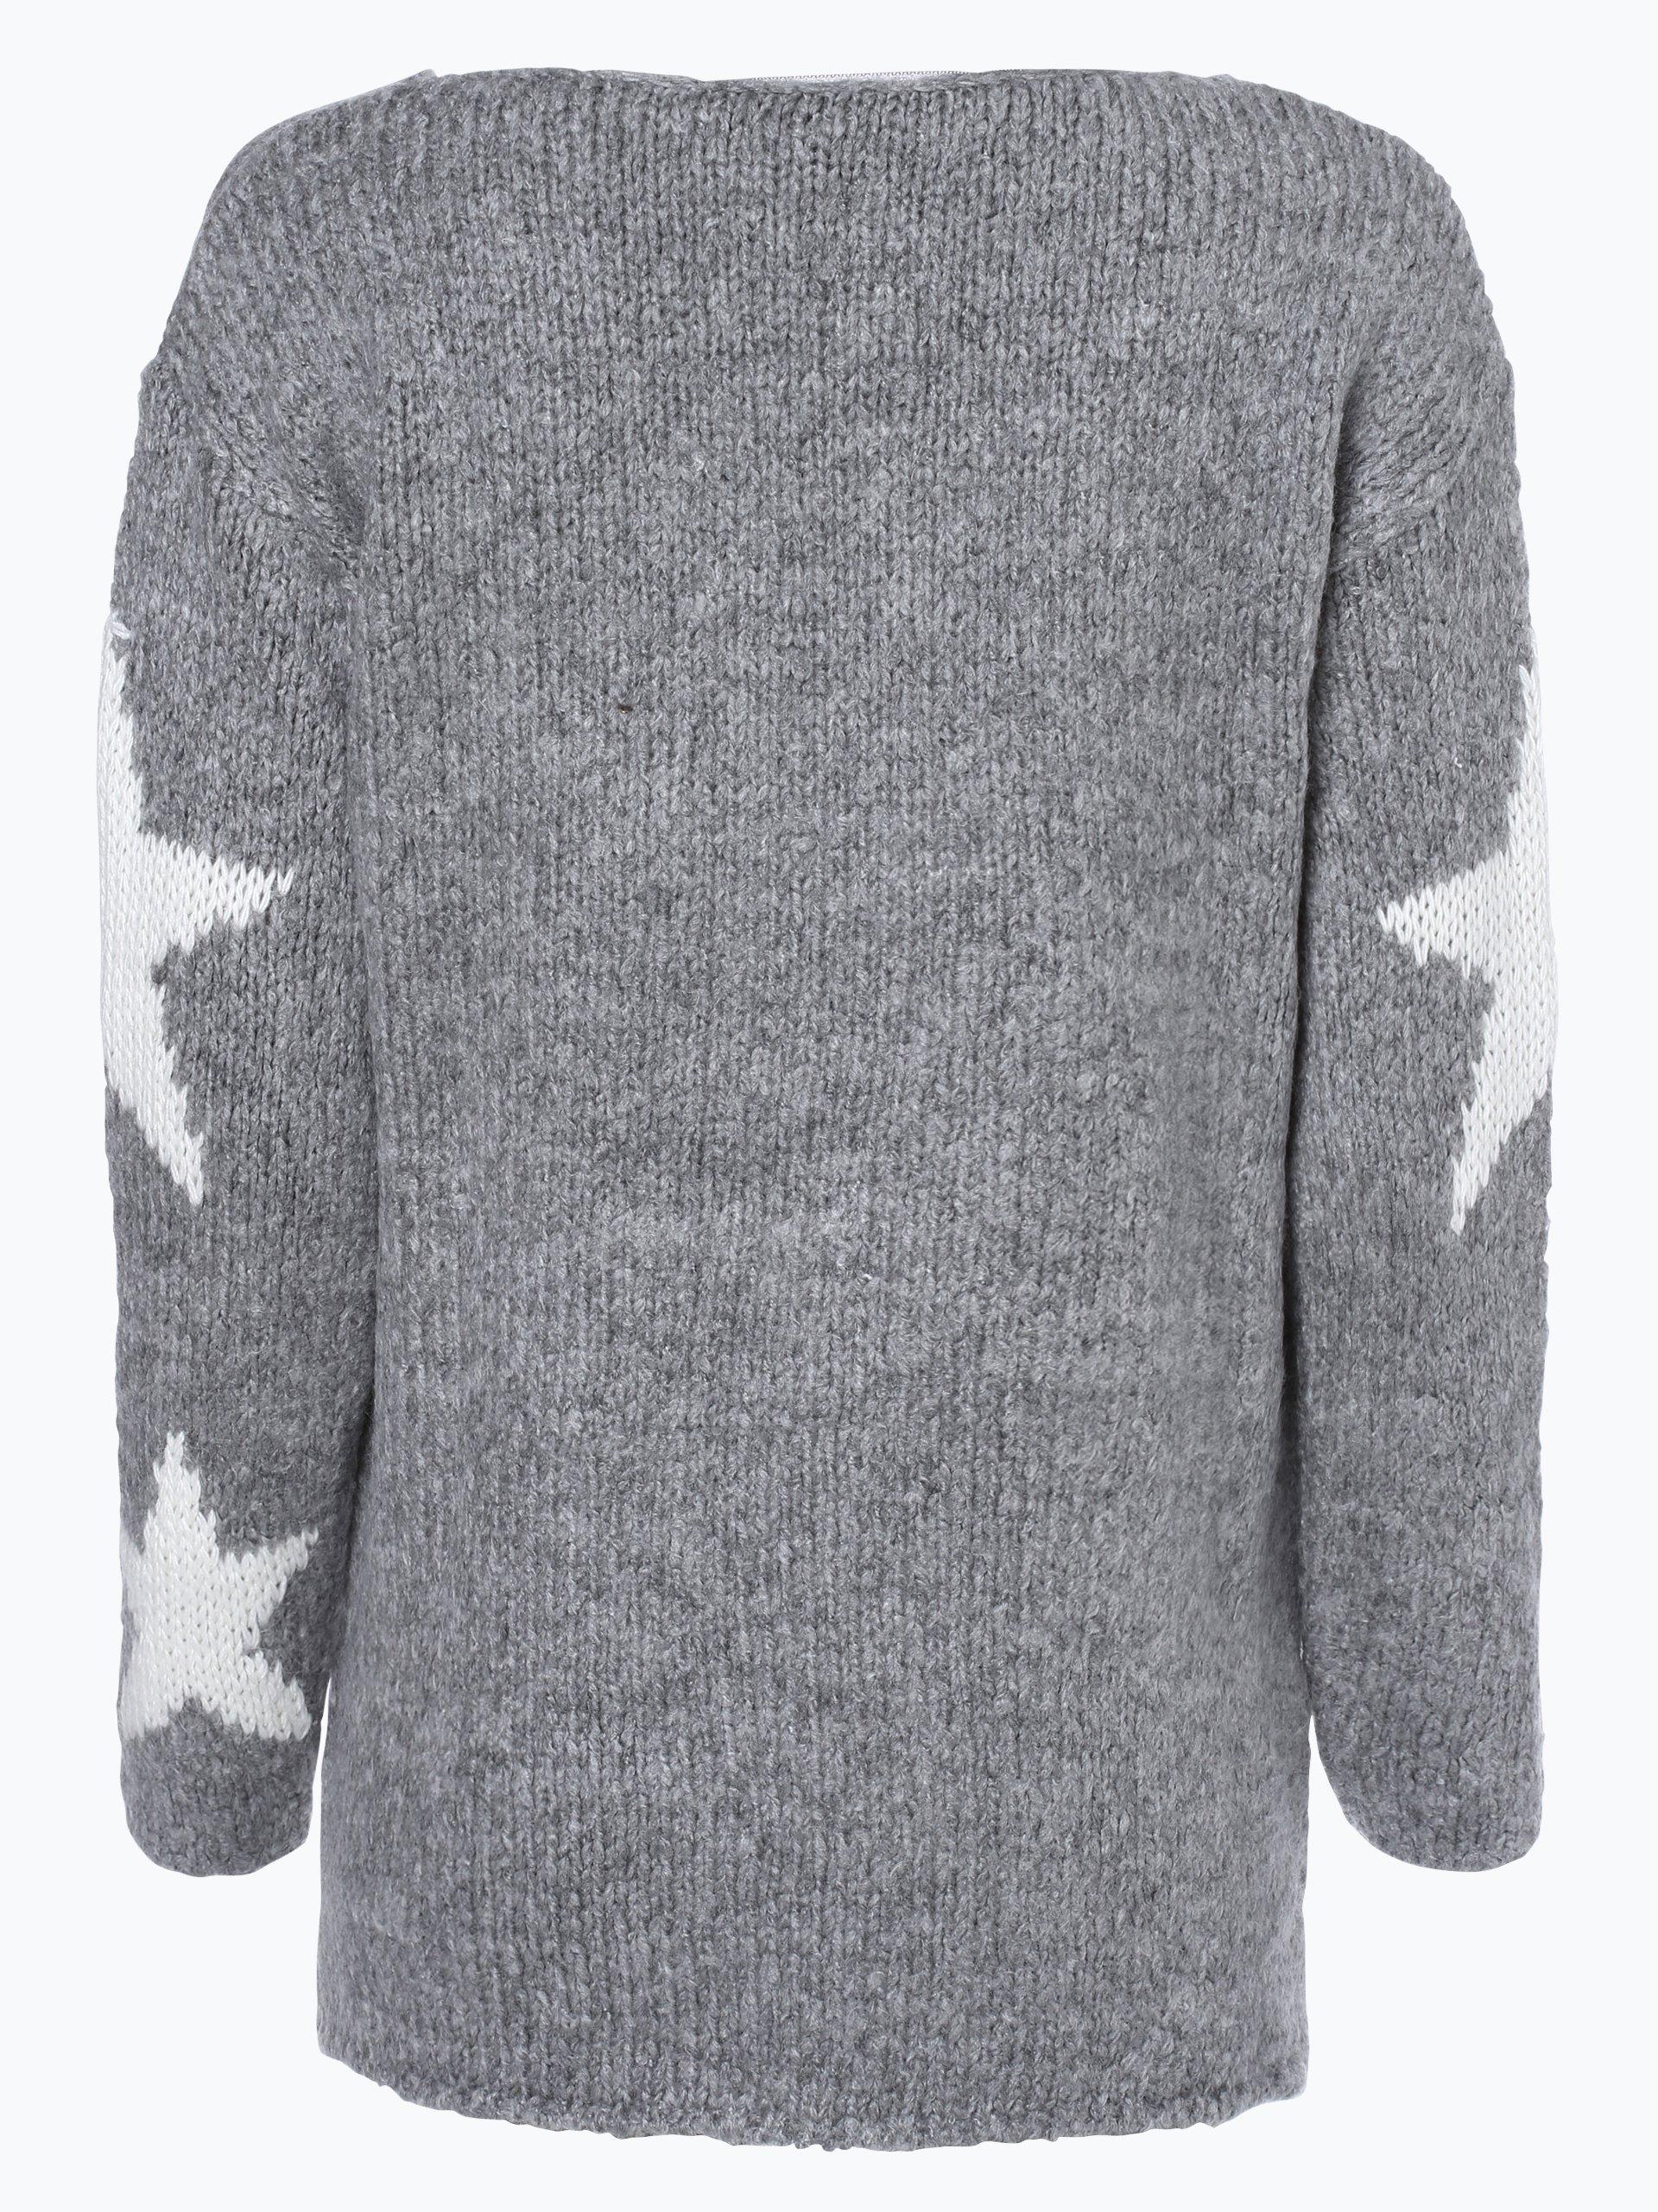 key largo damen pullover grau wei gemustert online kaufen peek und cloppenburg de. Black Bedroom Furniture Sets. Home Design Ideas